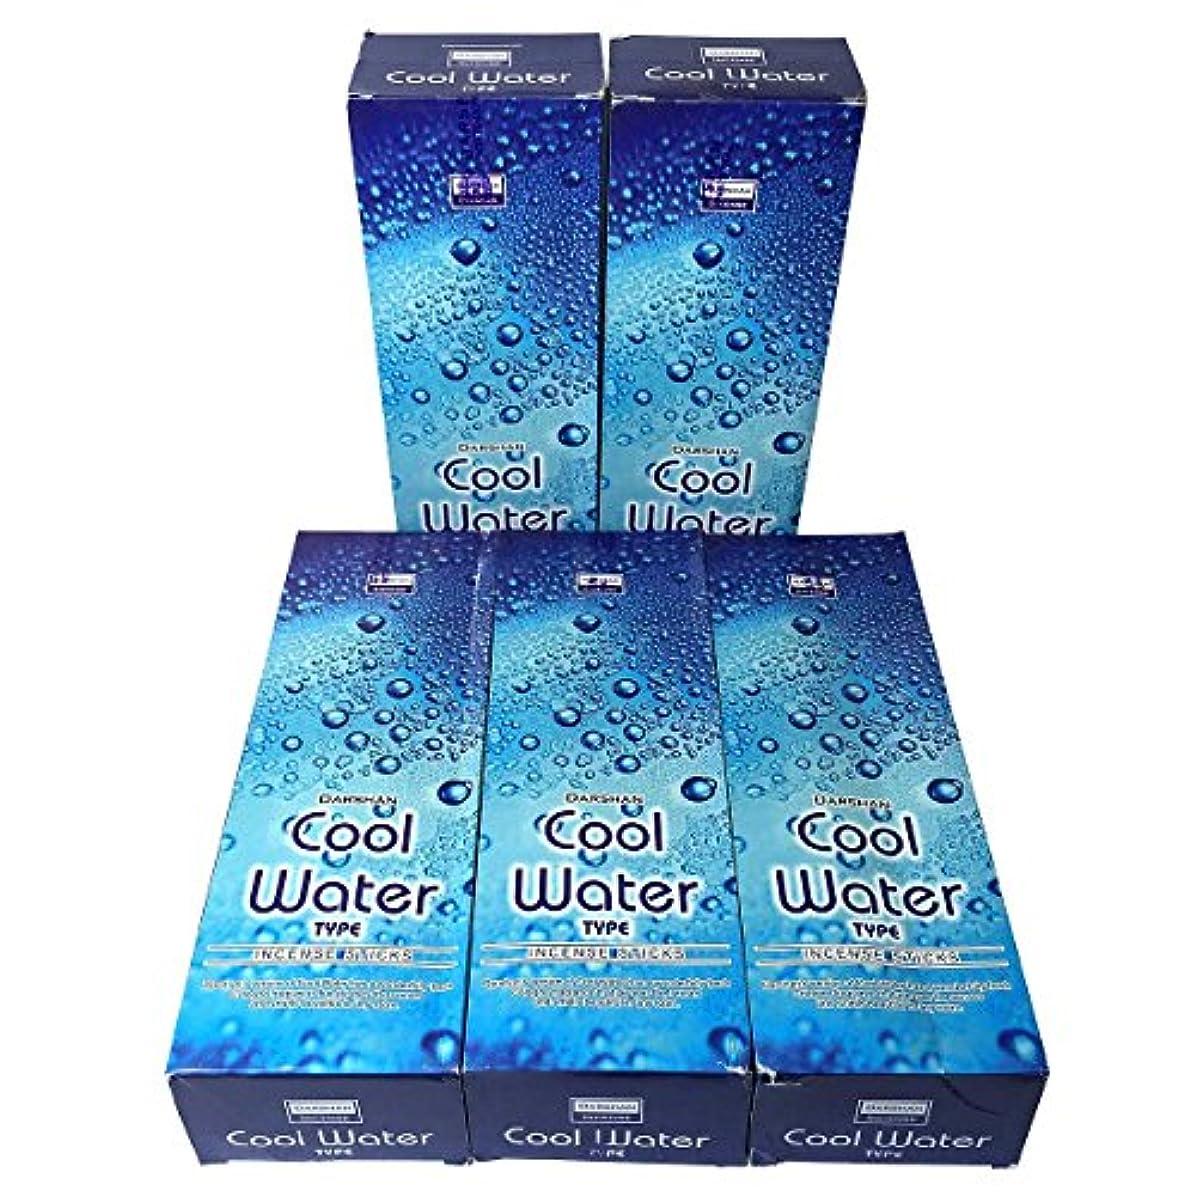 極貧格差実行するクールウォーター香スティック 5BOX(30箱)/DARSHAN COOL WATER/ インド香 / 送料無料 [並行輸入品]